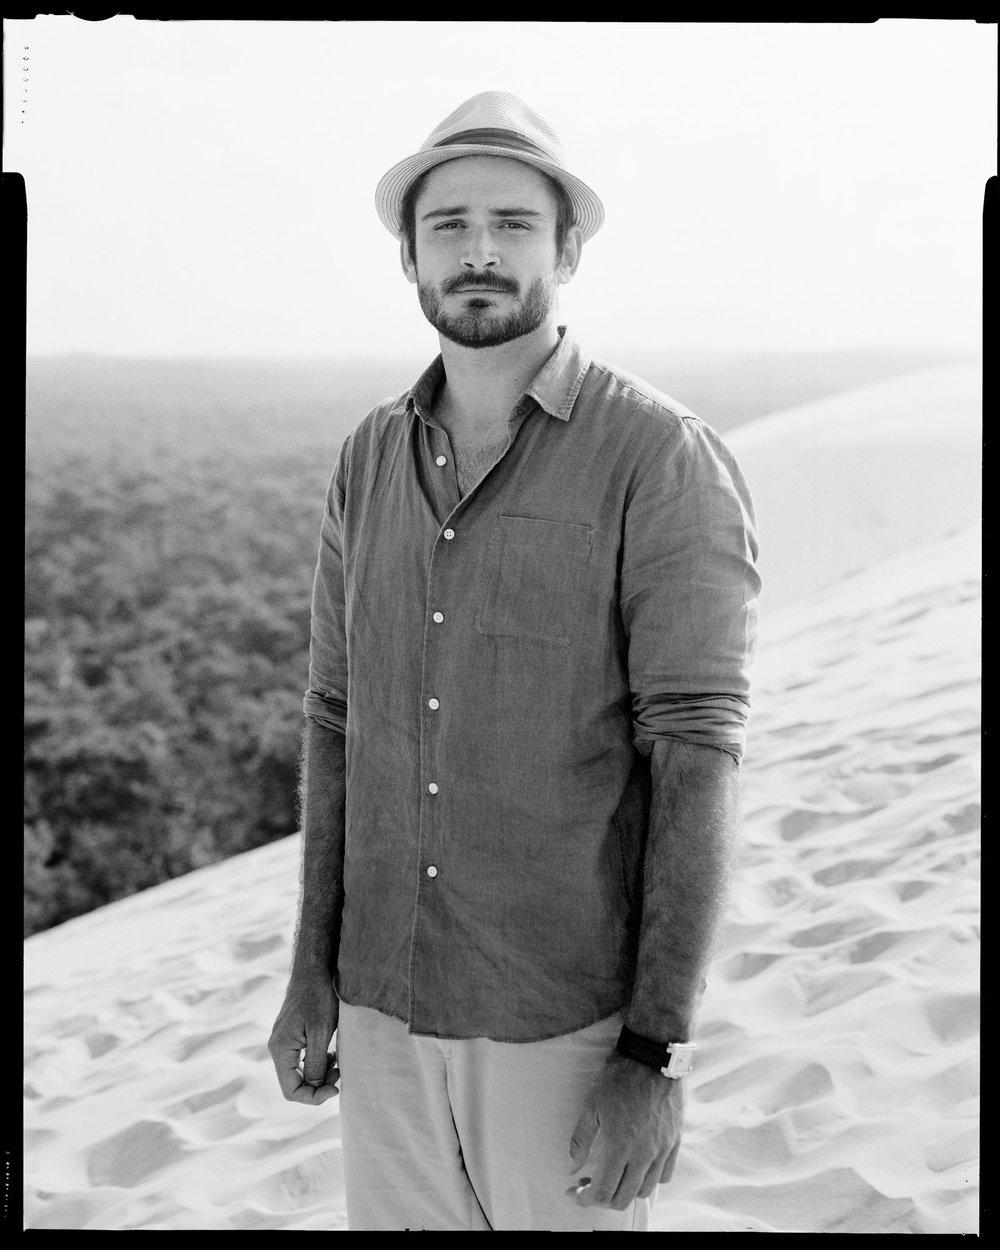 Roman Jehanno, - Artiste photographe, il élabore son travail autour de paysages grandioses au sein desquels l'Homme tient le premier rôle. Formé à l'École des Gobelins, ses séries photographiques personnelles de portraits s'intéressent principalement à l'homme au travail tandis que « 1 heure, 1 café, 1 clic » développe sa vision de l'individualité et du portrait intime. Il reçoit en 2014 le prix Hasselblad Master qui récompense son travail.